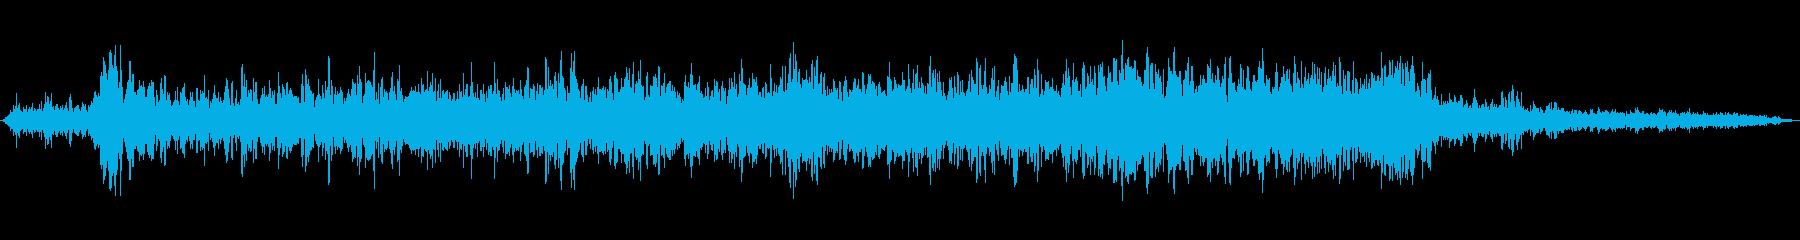 ジェットのオン、実行、オフの再生済みの波形